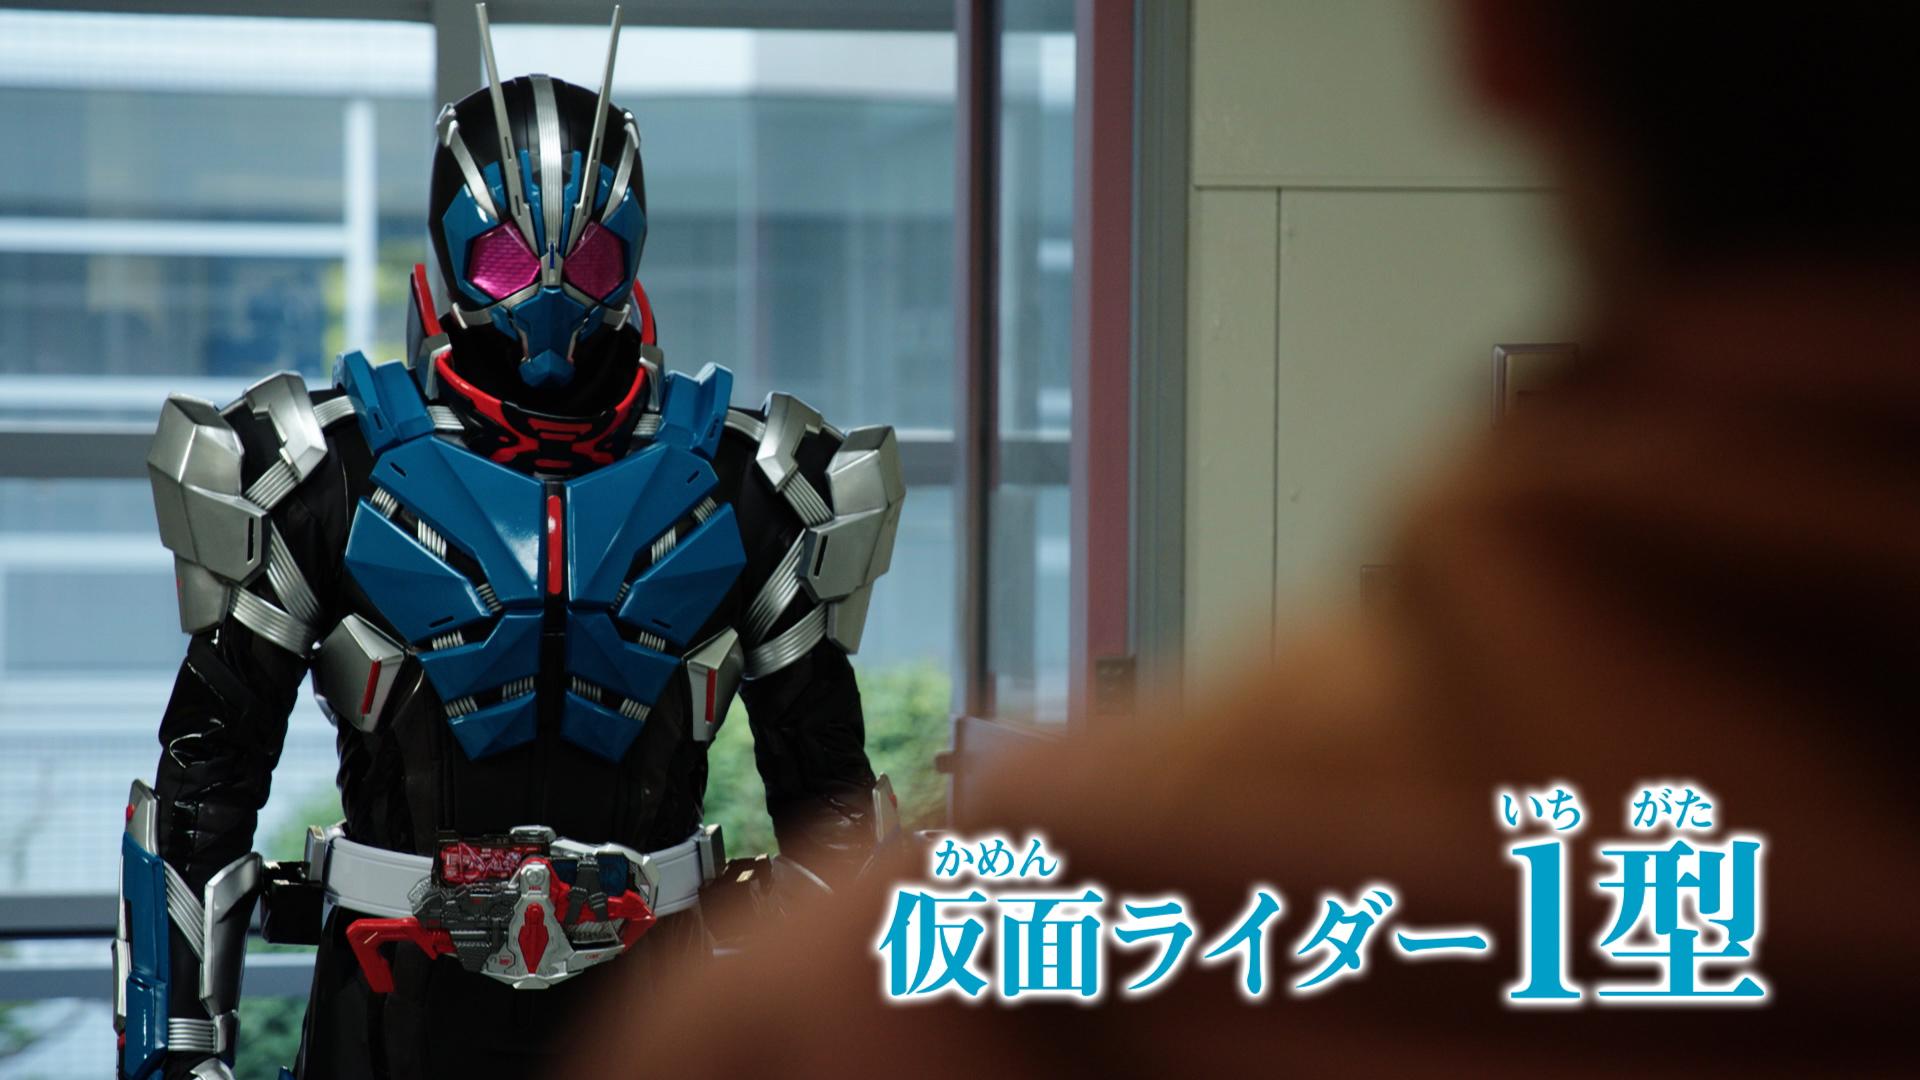 「ゼロワン&ジオウ」製作委員会 (C)石森プロ・テレビ朝日・ADK EM・東映